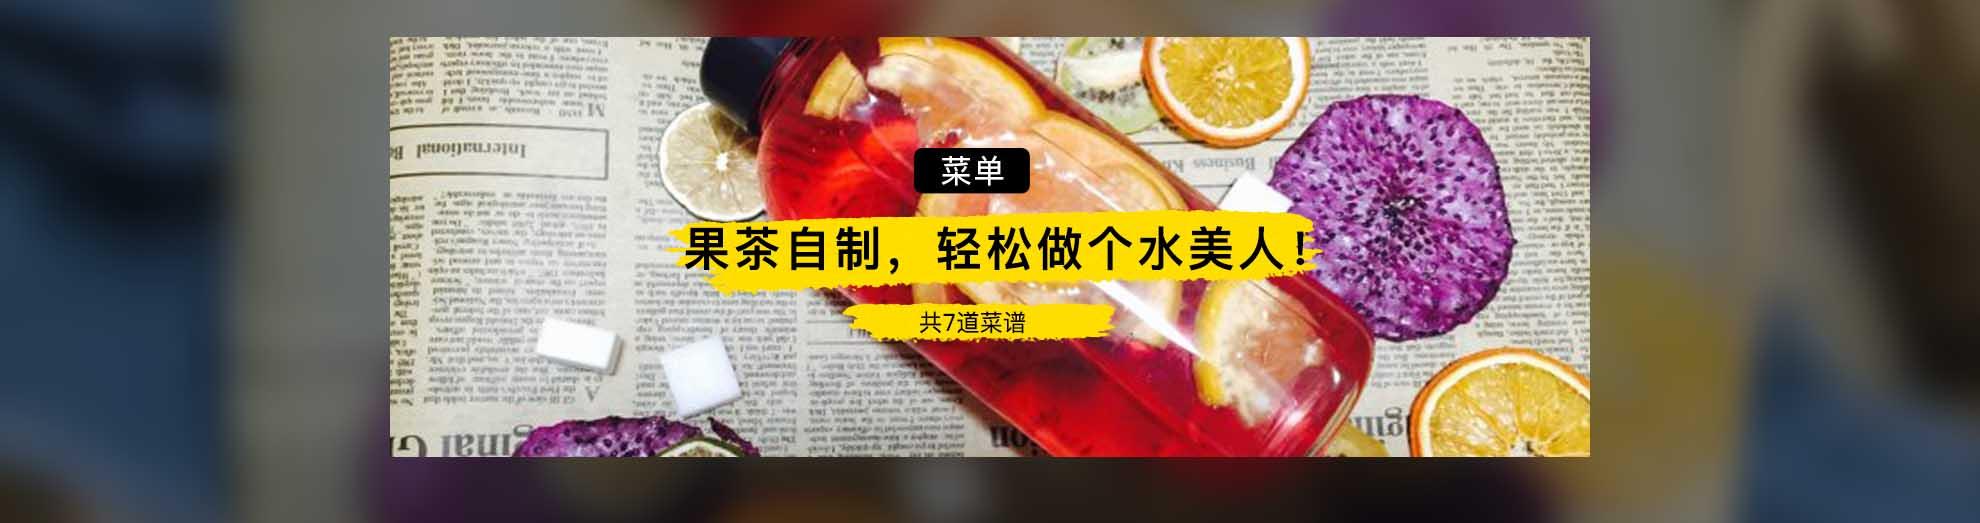 果茶自制,轻松做个水美人!}